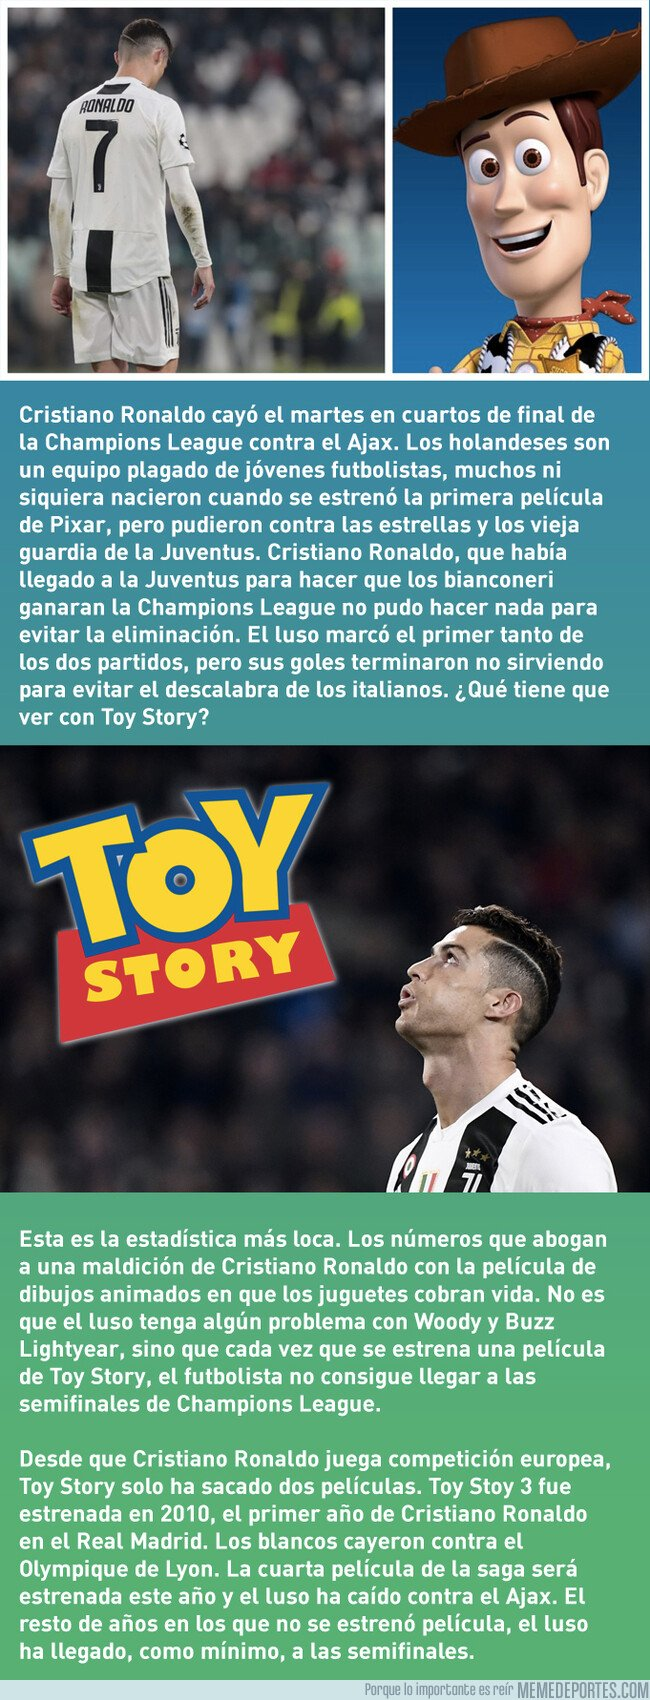 1071997 - La maldición de Toy Story y Cristiano Ronaldo en Champions League